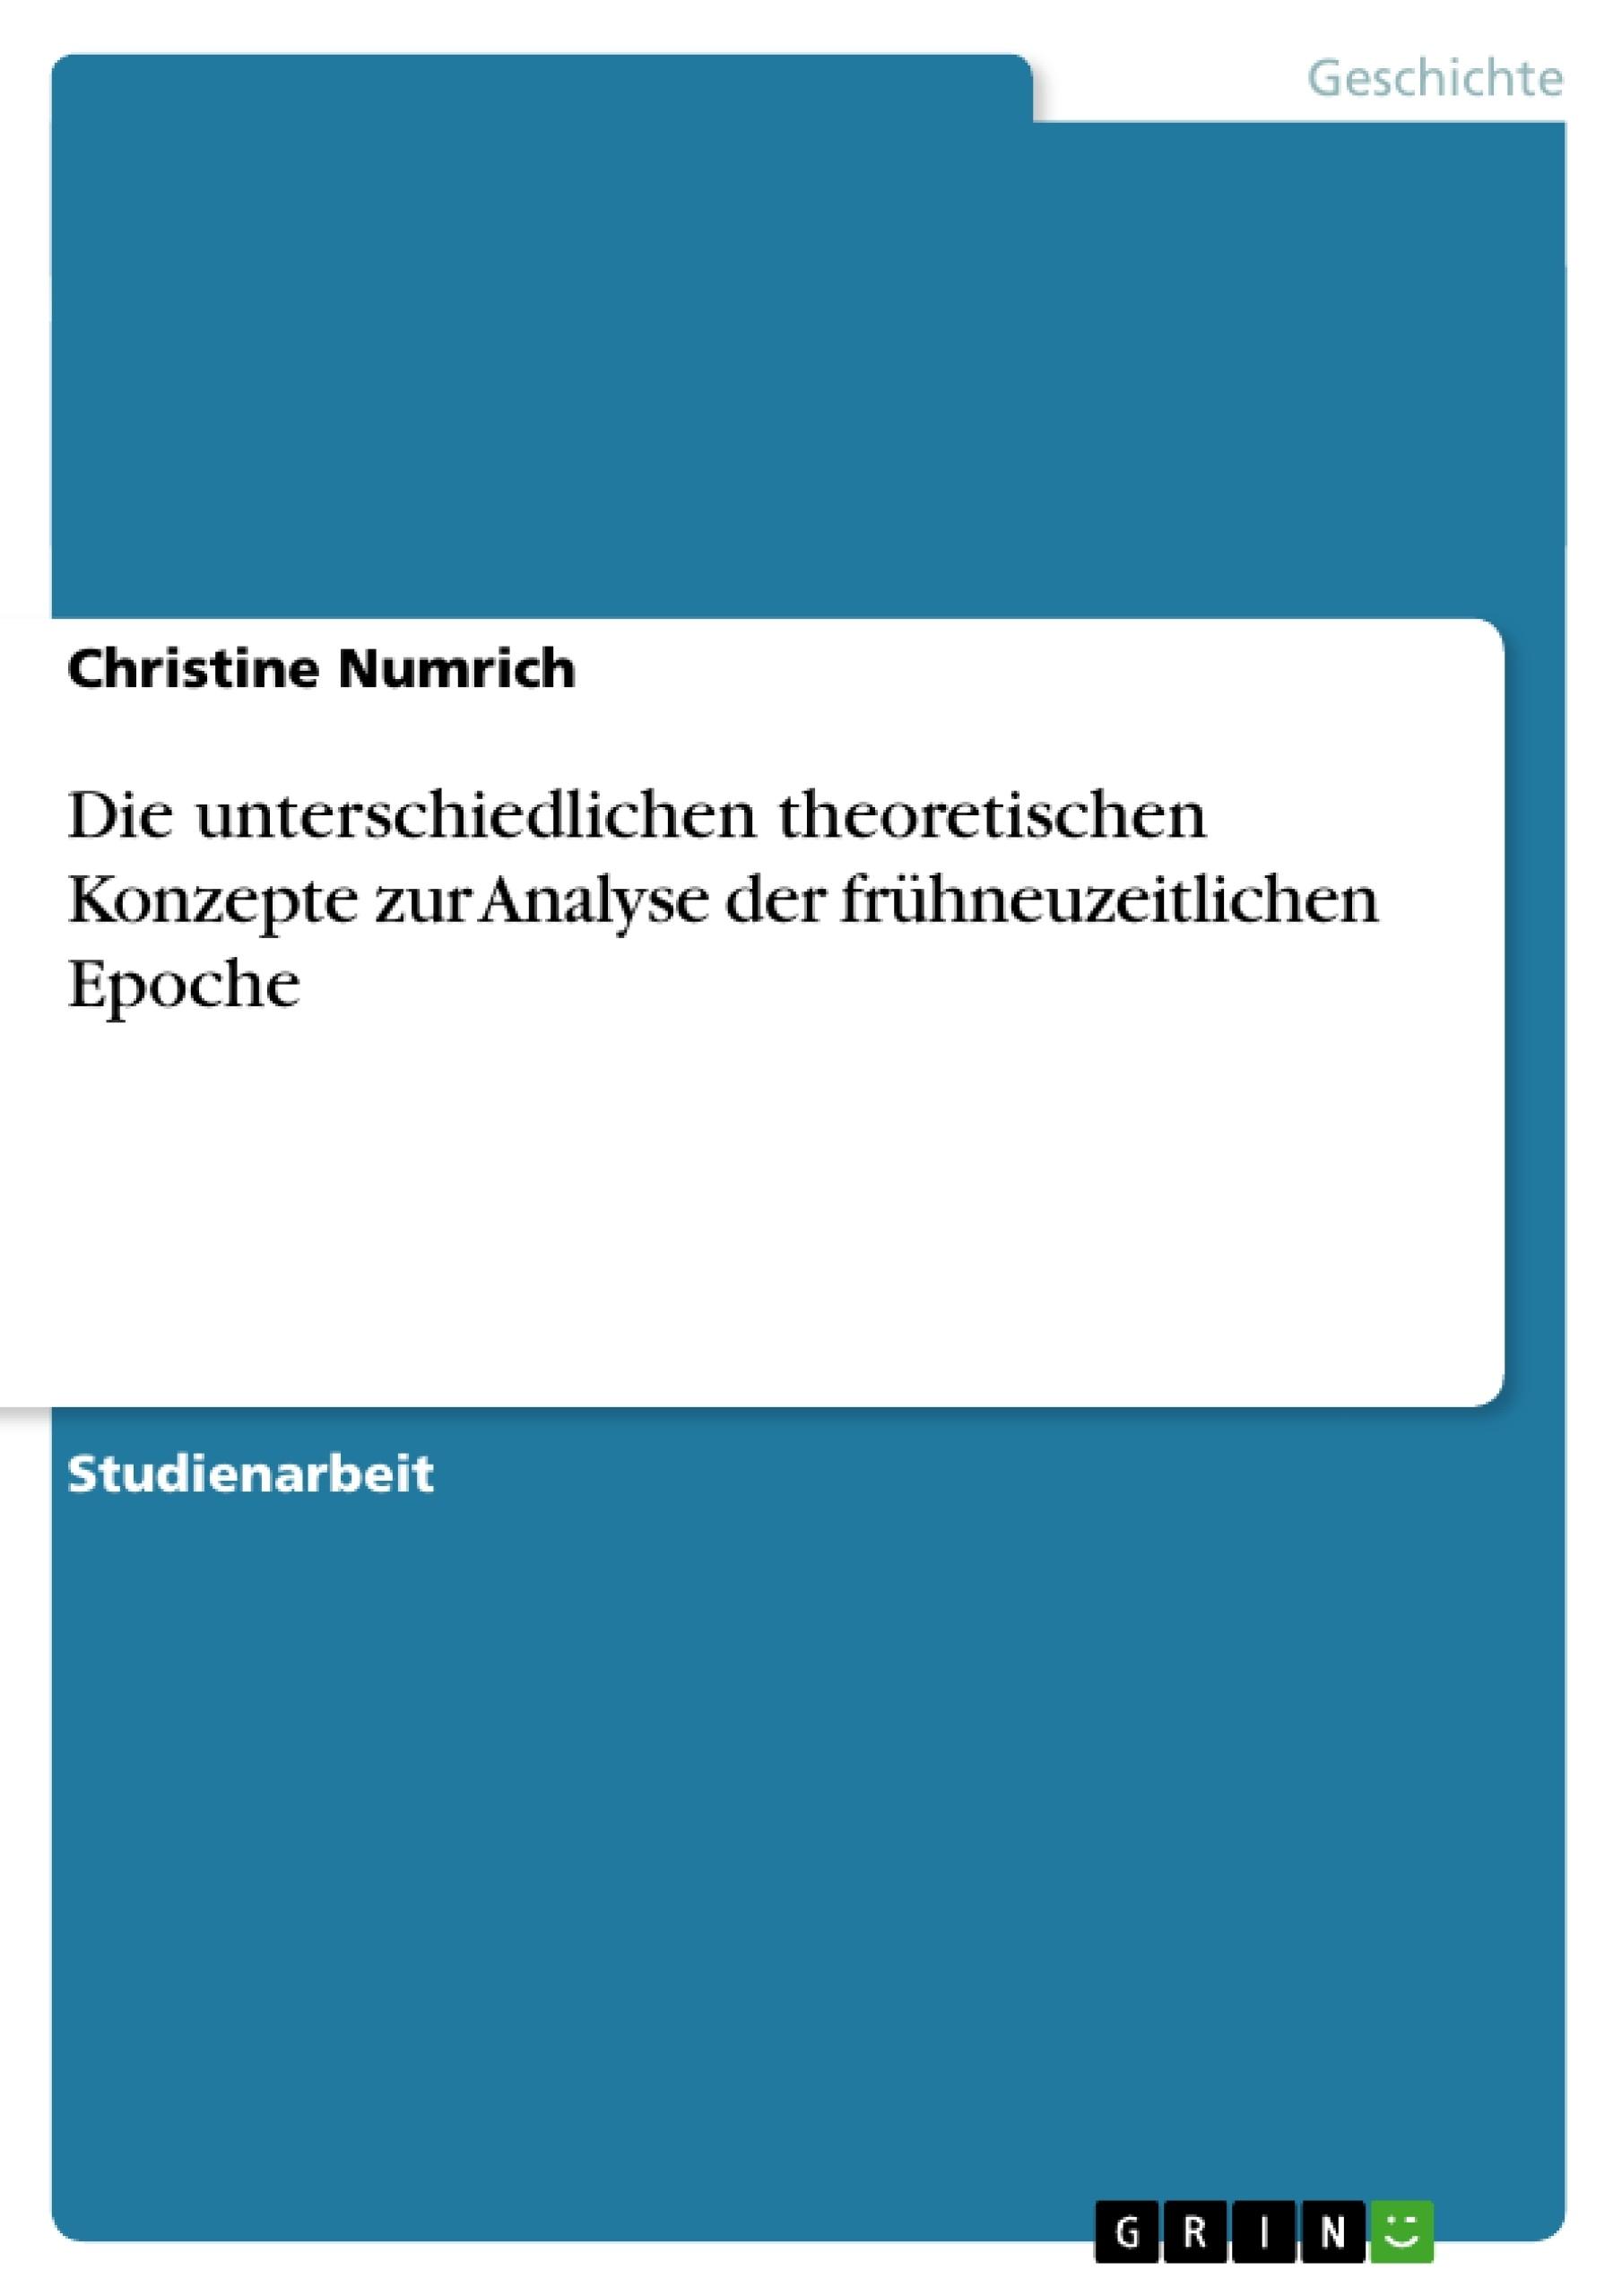 Titel: Die unterschiedlichen theoretischen Konzepte zur Analyse der frühneuzeitlichen Epoche